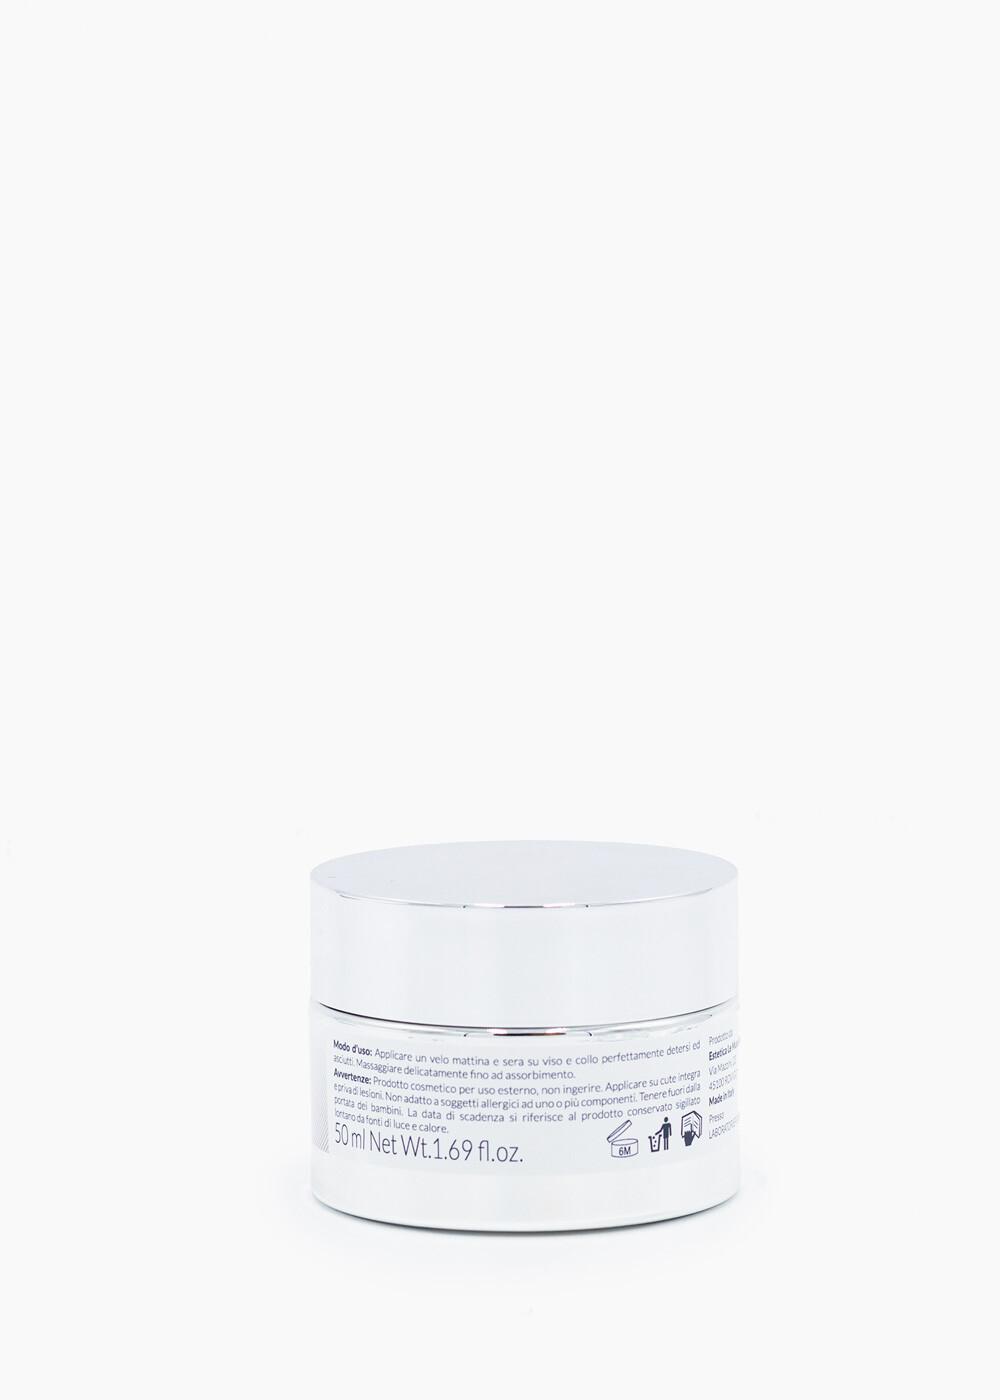 trattamento-anti-eta-crema-protettiva-estetica-le-muse-VY74T6YGE8-retro